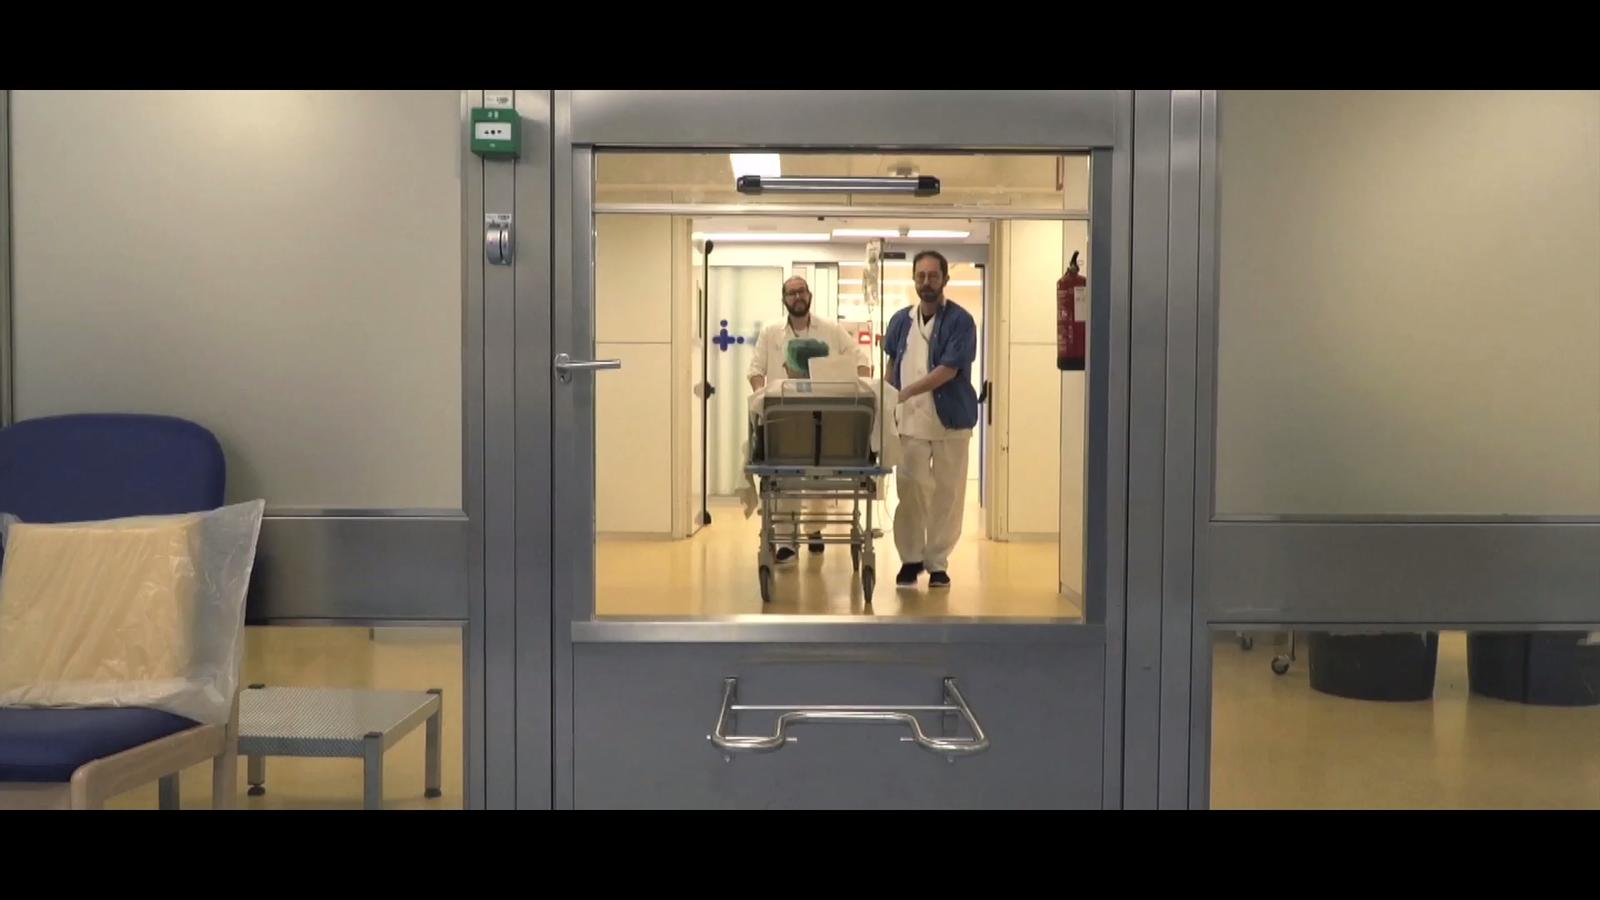 Informació en temps real: 11.15 hores, la cirurgia ha començat